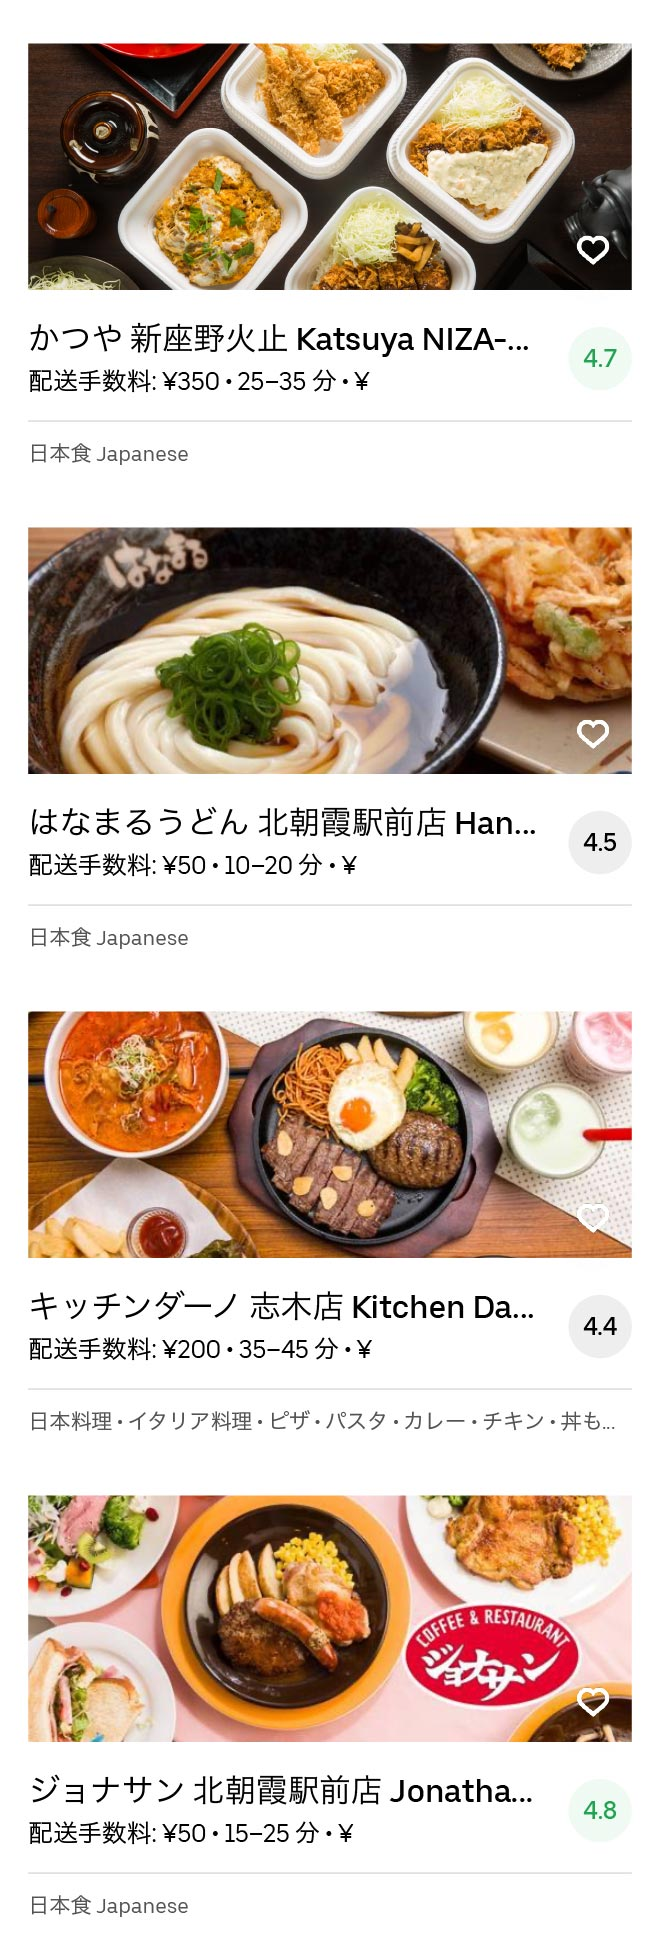 Saitama asaka menu 2004 05